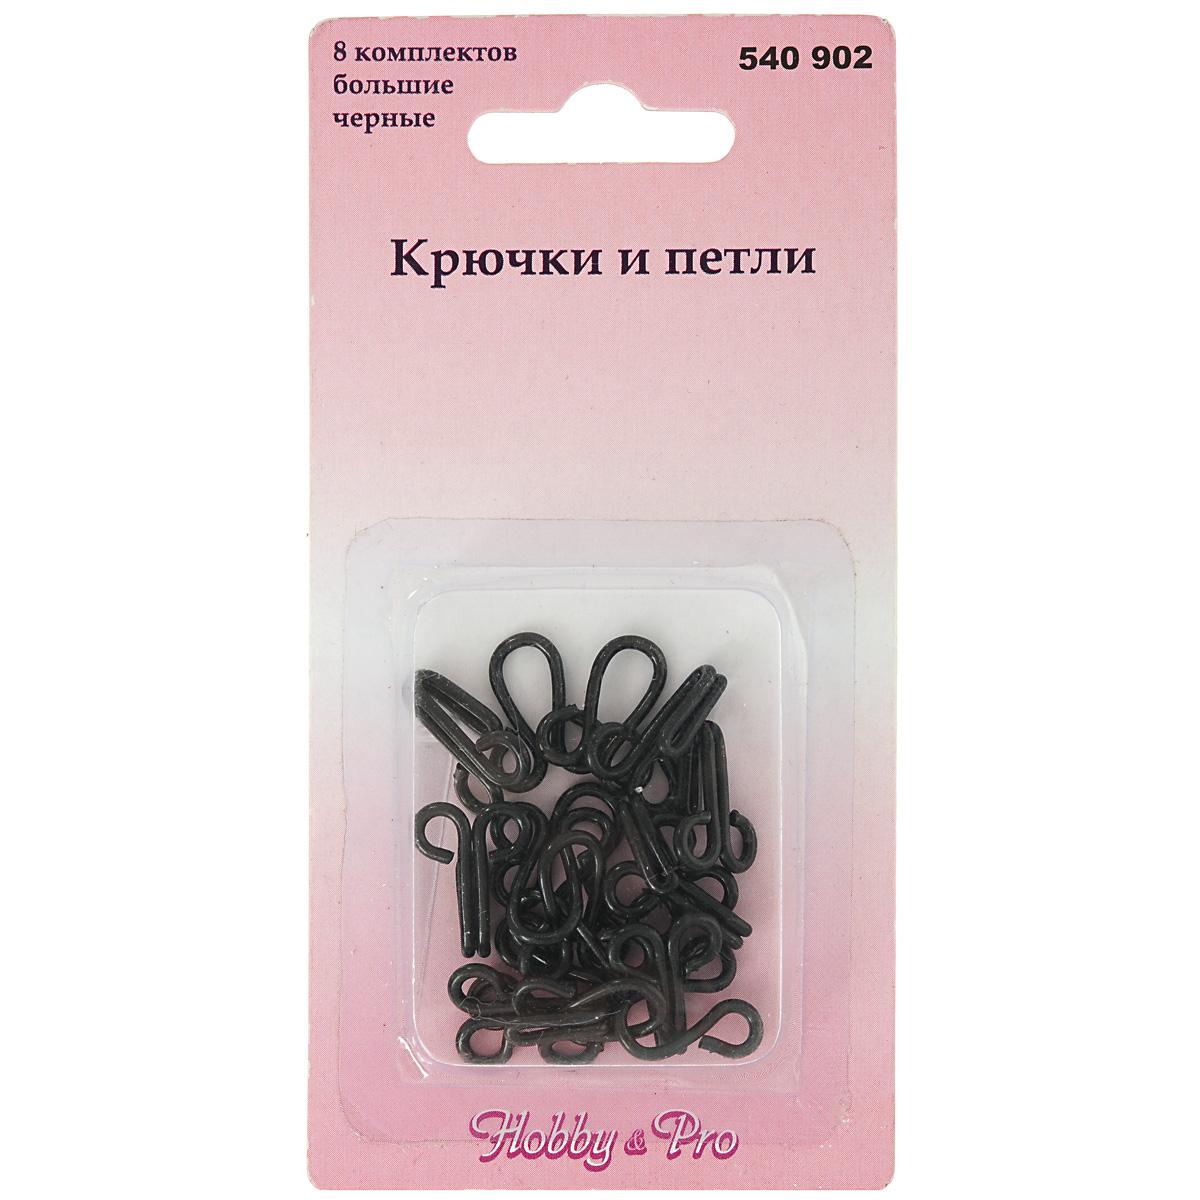 Крючки и петли для одежды Hobby&Pro, большие, цвет: черный, 8 пар676745Крючки и петли для одежды Hobby&Pro - прекрасная замена пуговицам. Крючки выполнены из металла с цветным покрытием и оснащены глазками для пришивания. Крючки с петлями всегда используют там, где требуется скрепить застежку прочно, но не заметно с лицевой стороны изделия. В комплекте - 8 крючков и 8 петель.